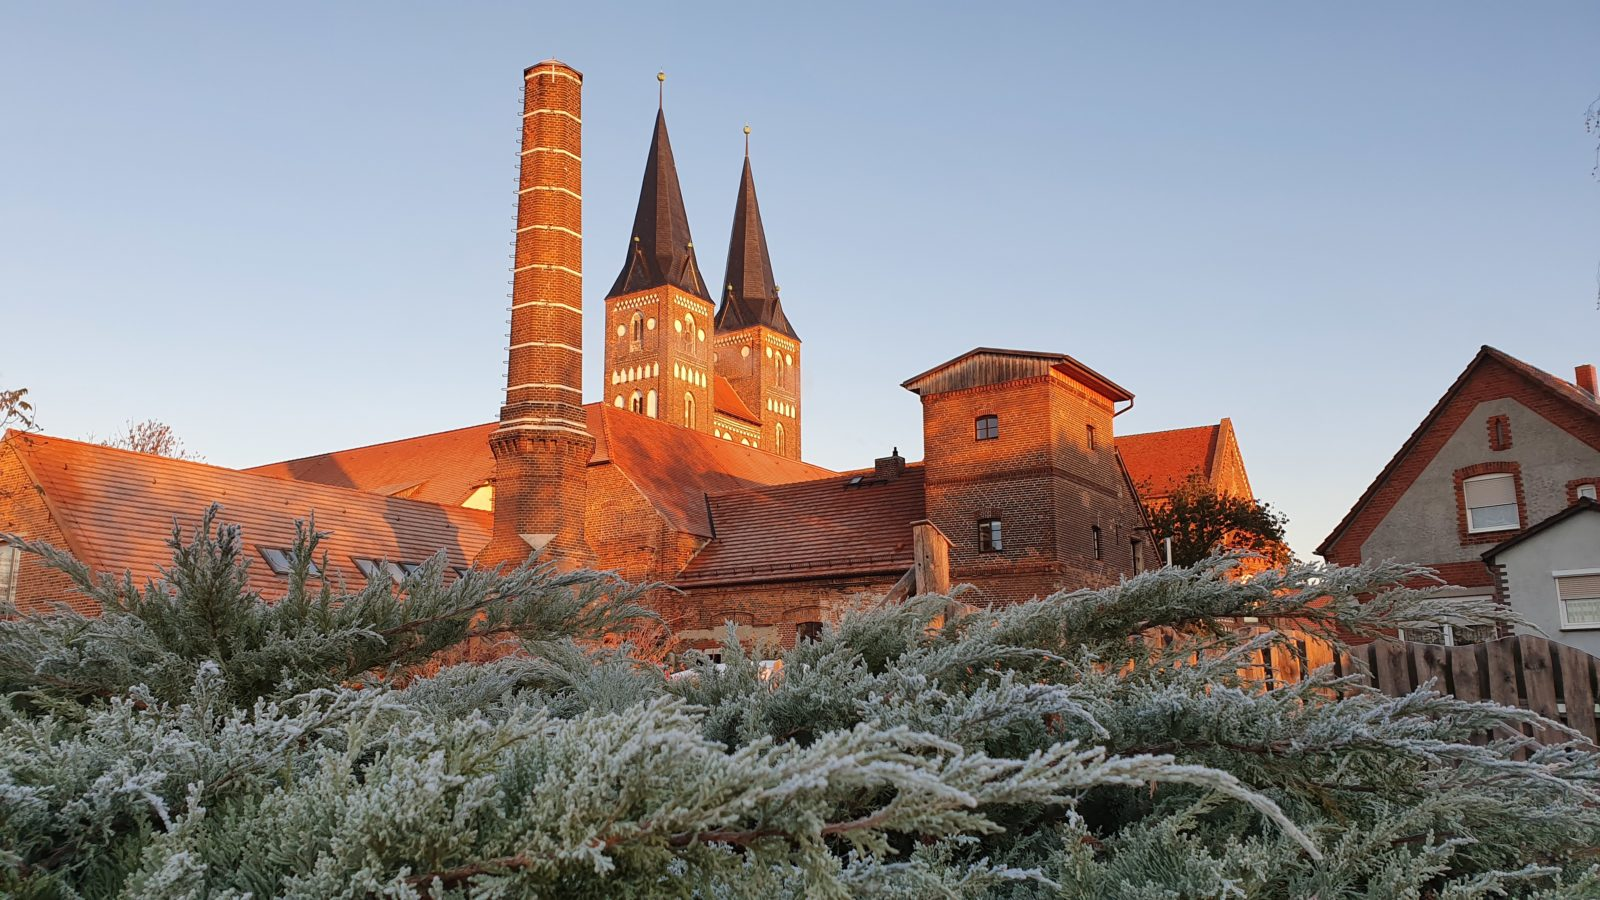 Brennerei im Kloster Jerichow, Kloster im Winter